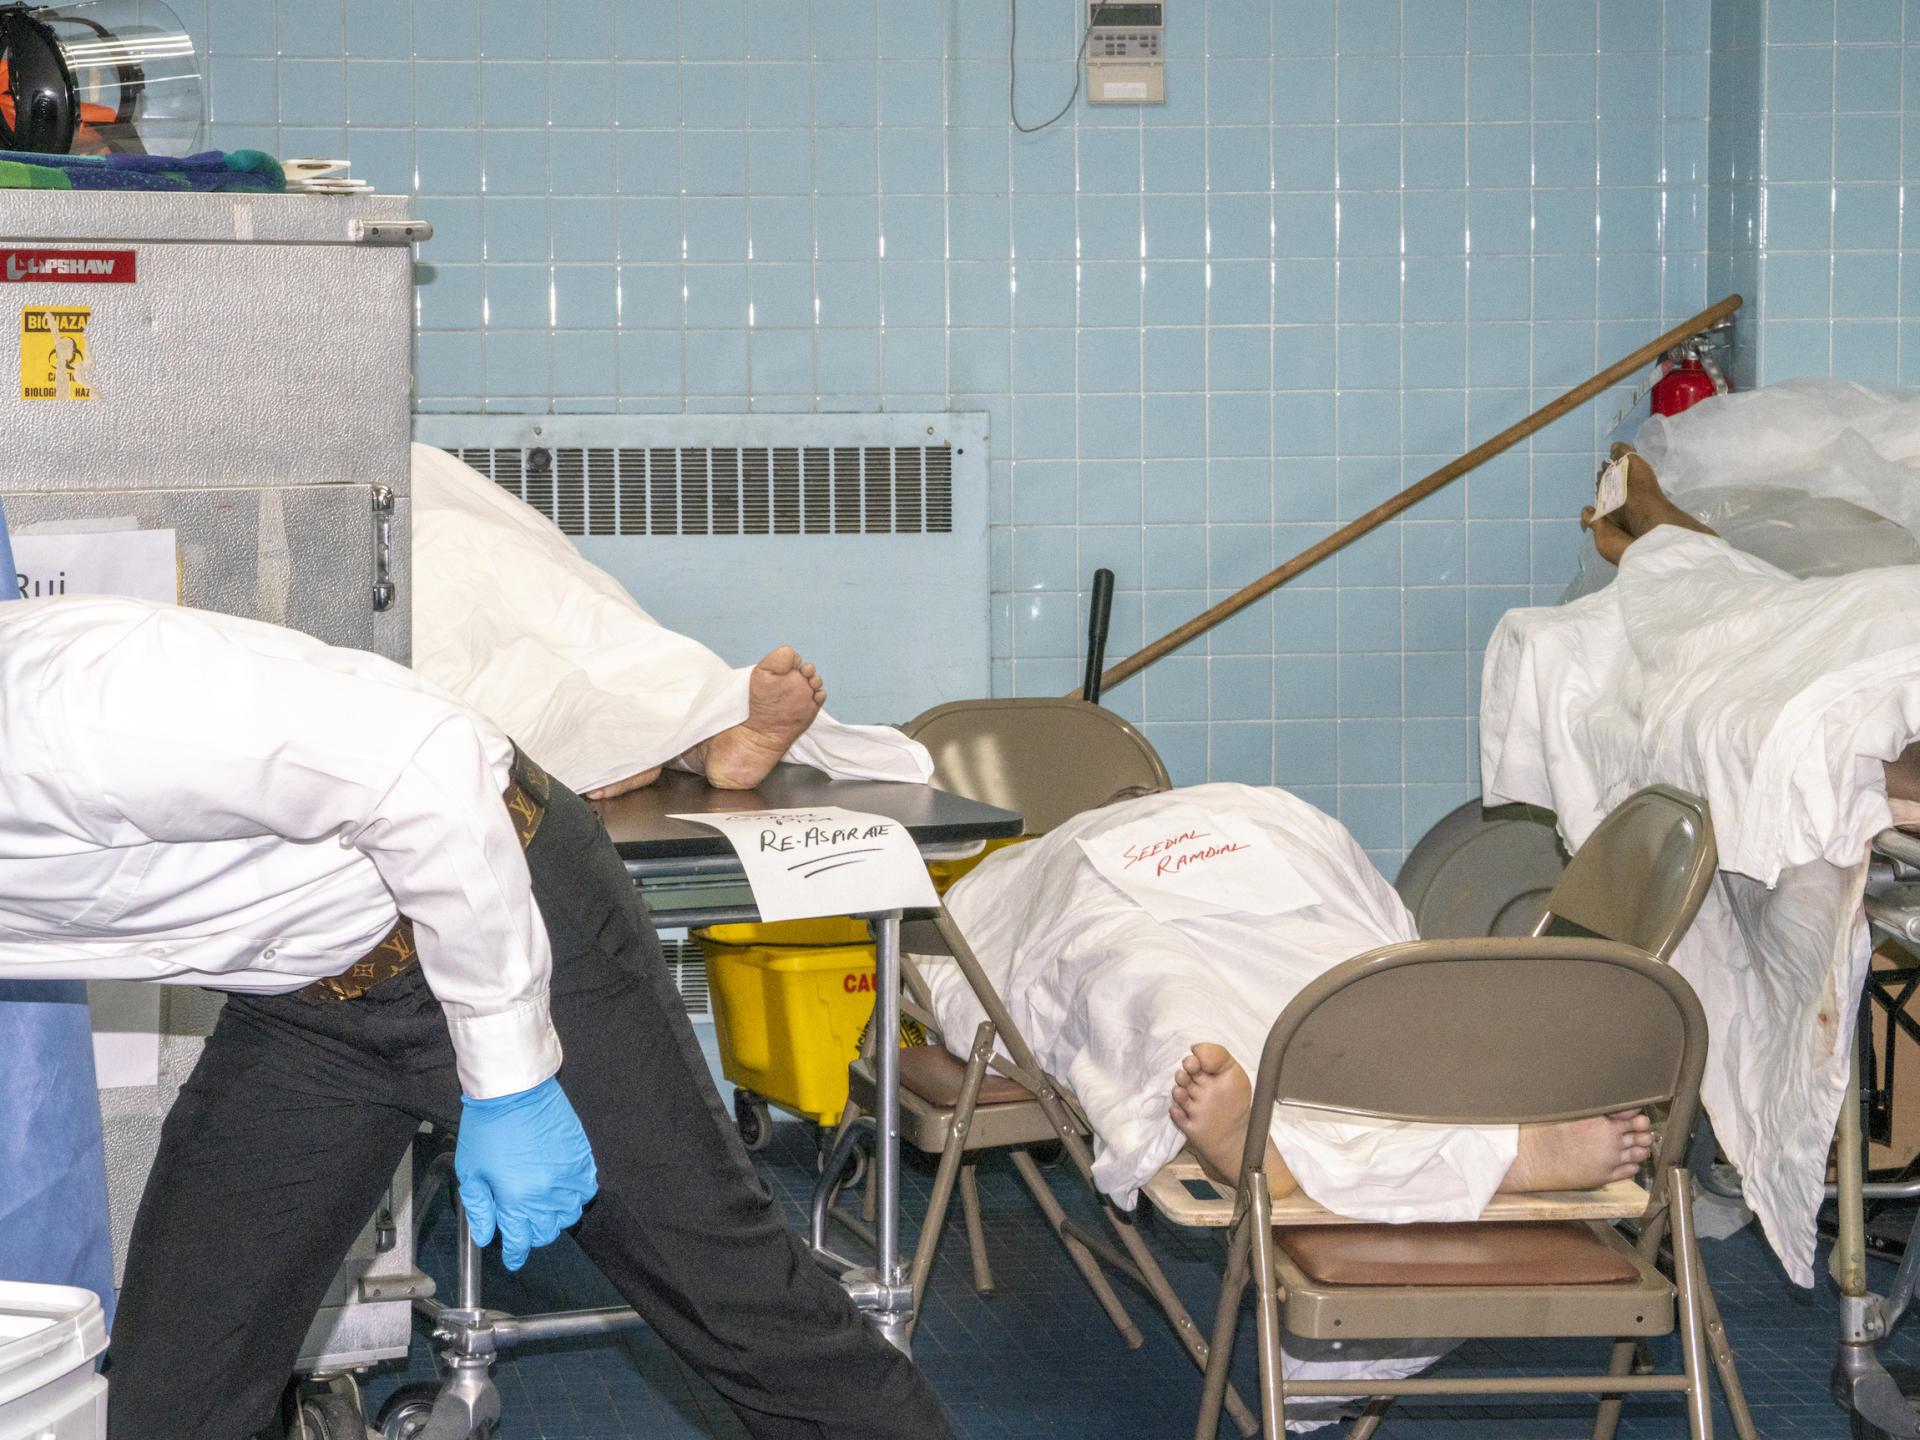 La maison funéraire Leo Kearns, dans le Queens à New York, tente de réguler les demandes desfamilles des victimes du virus. En mai, l'établissement a du acquérir un conteneur réfrigéré pour conserver les corps.